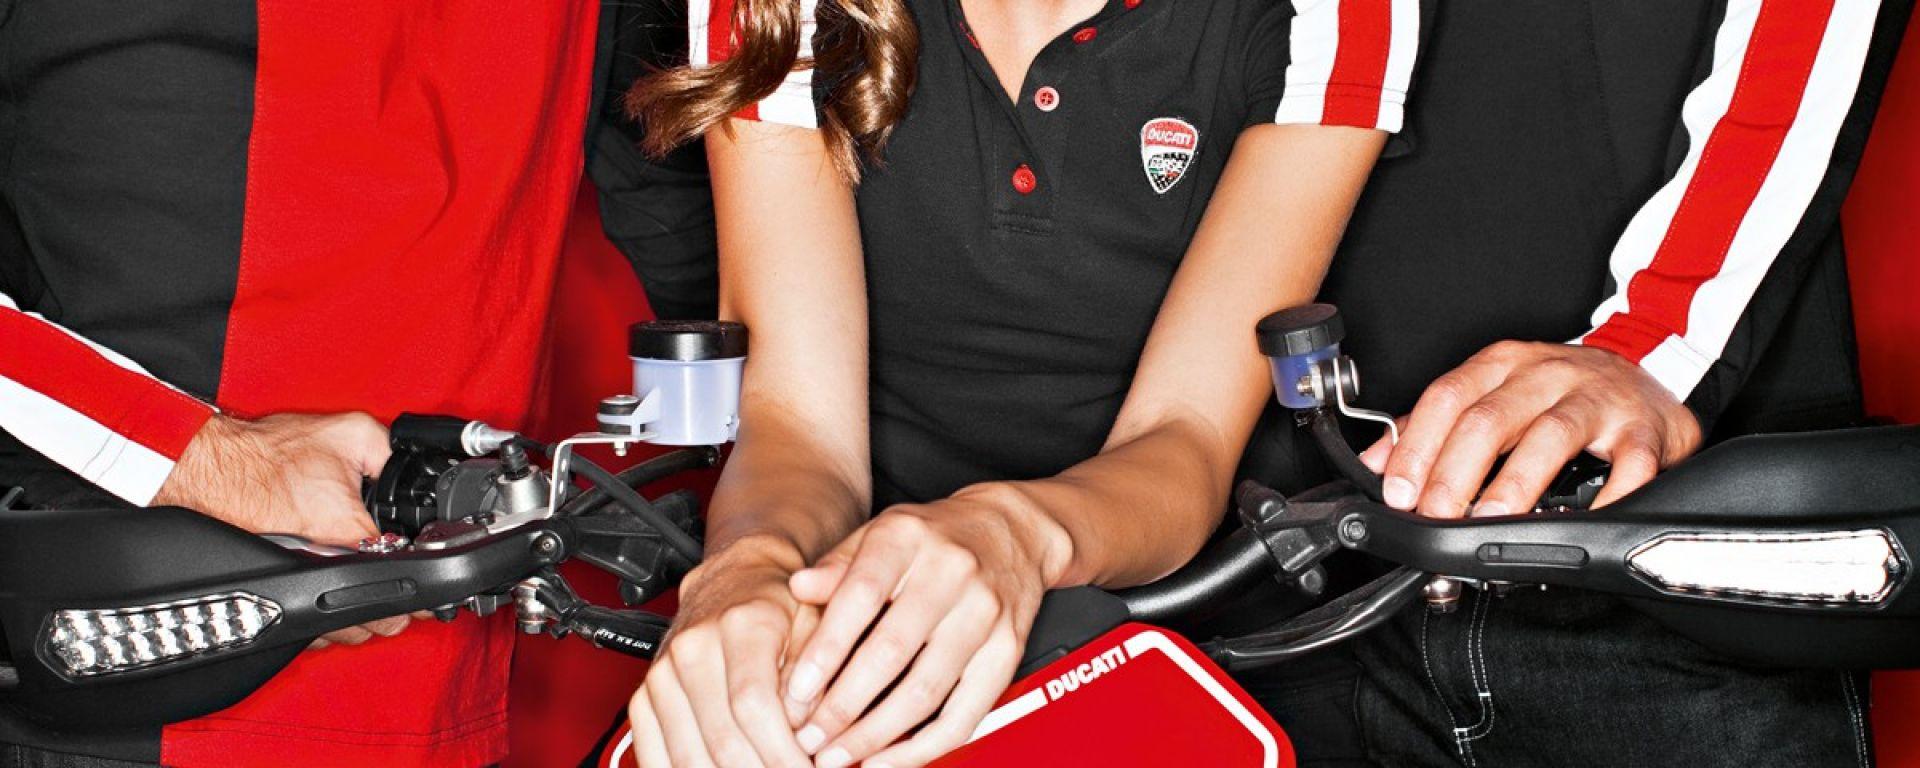 On-line il nuovo Shop Ducati